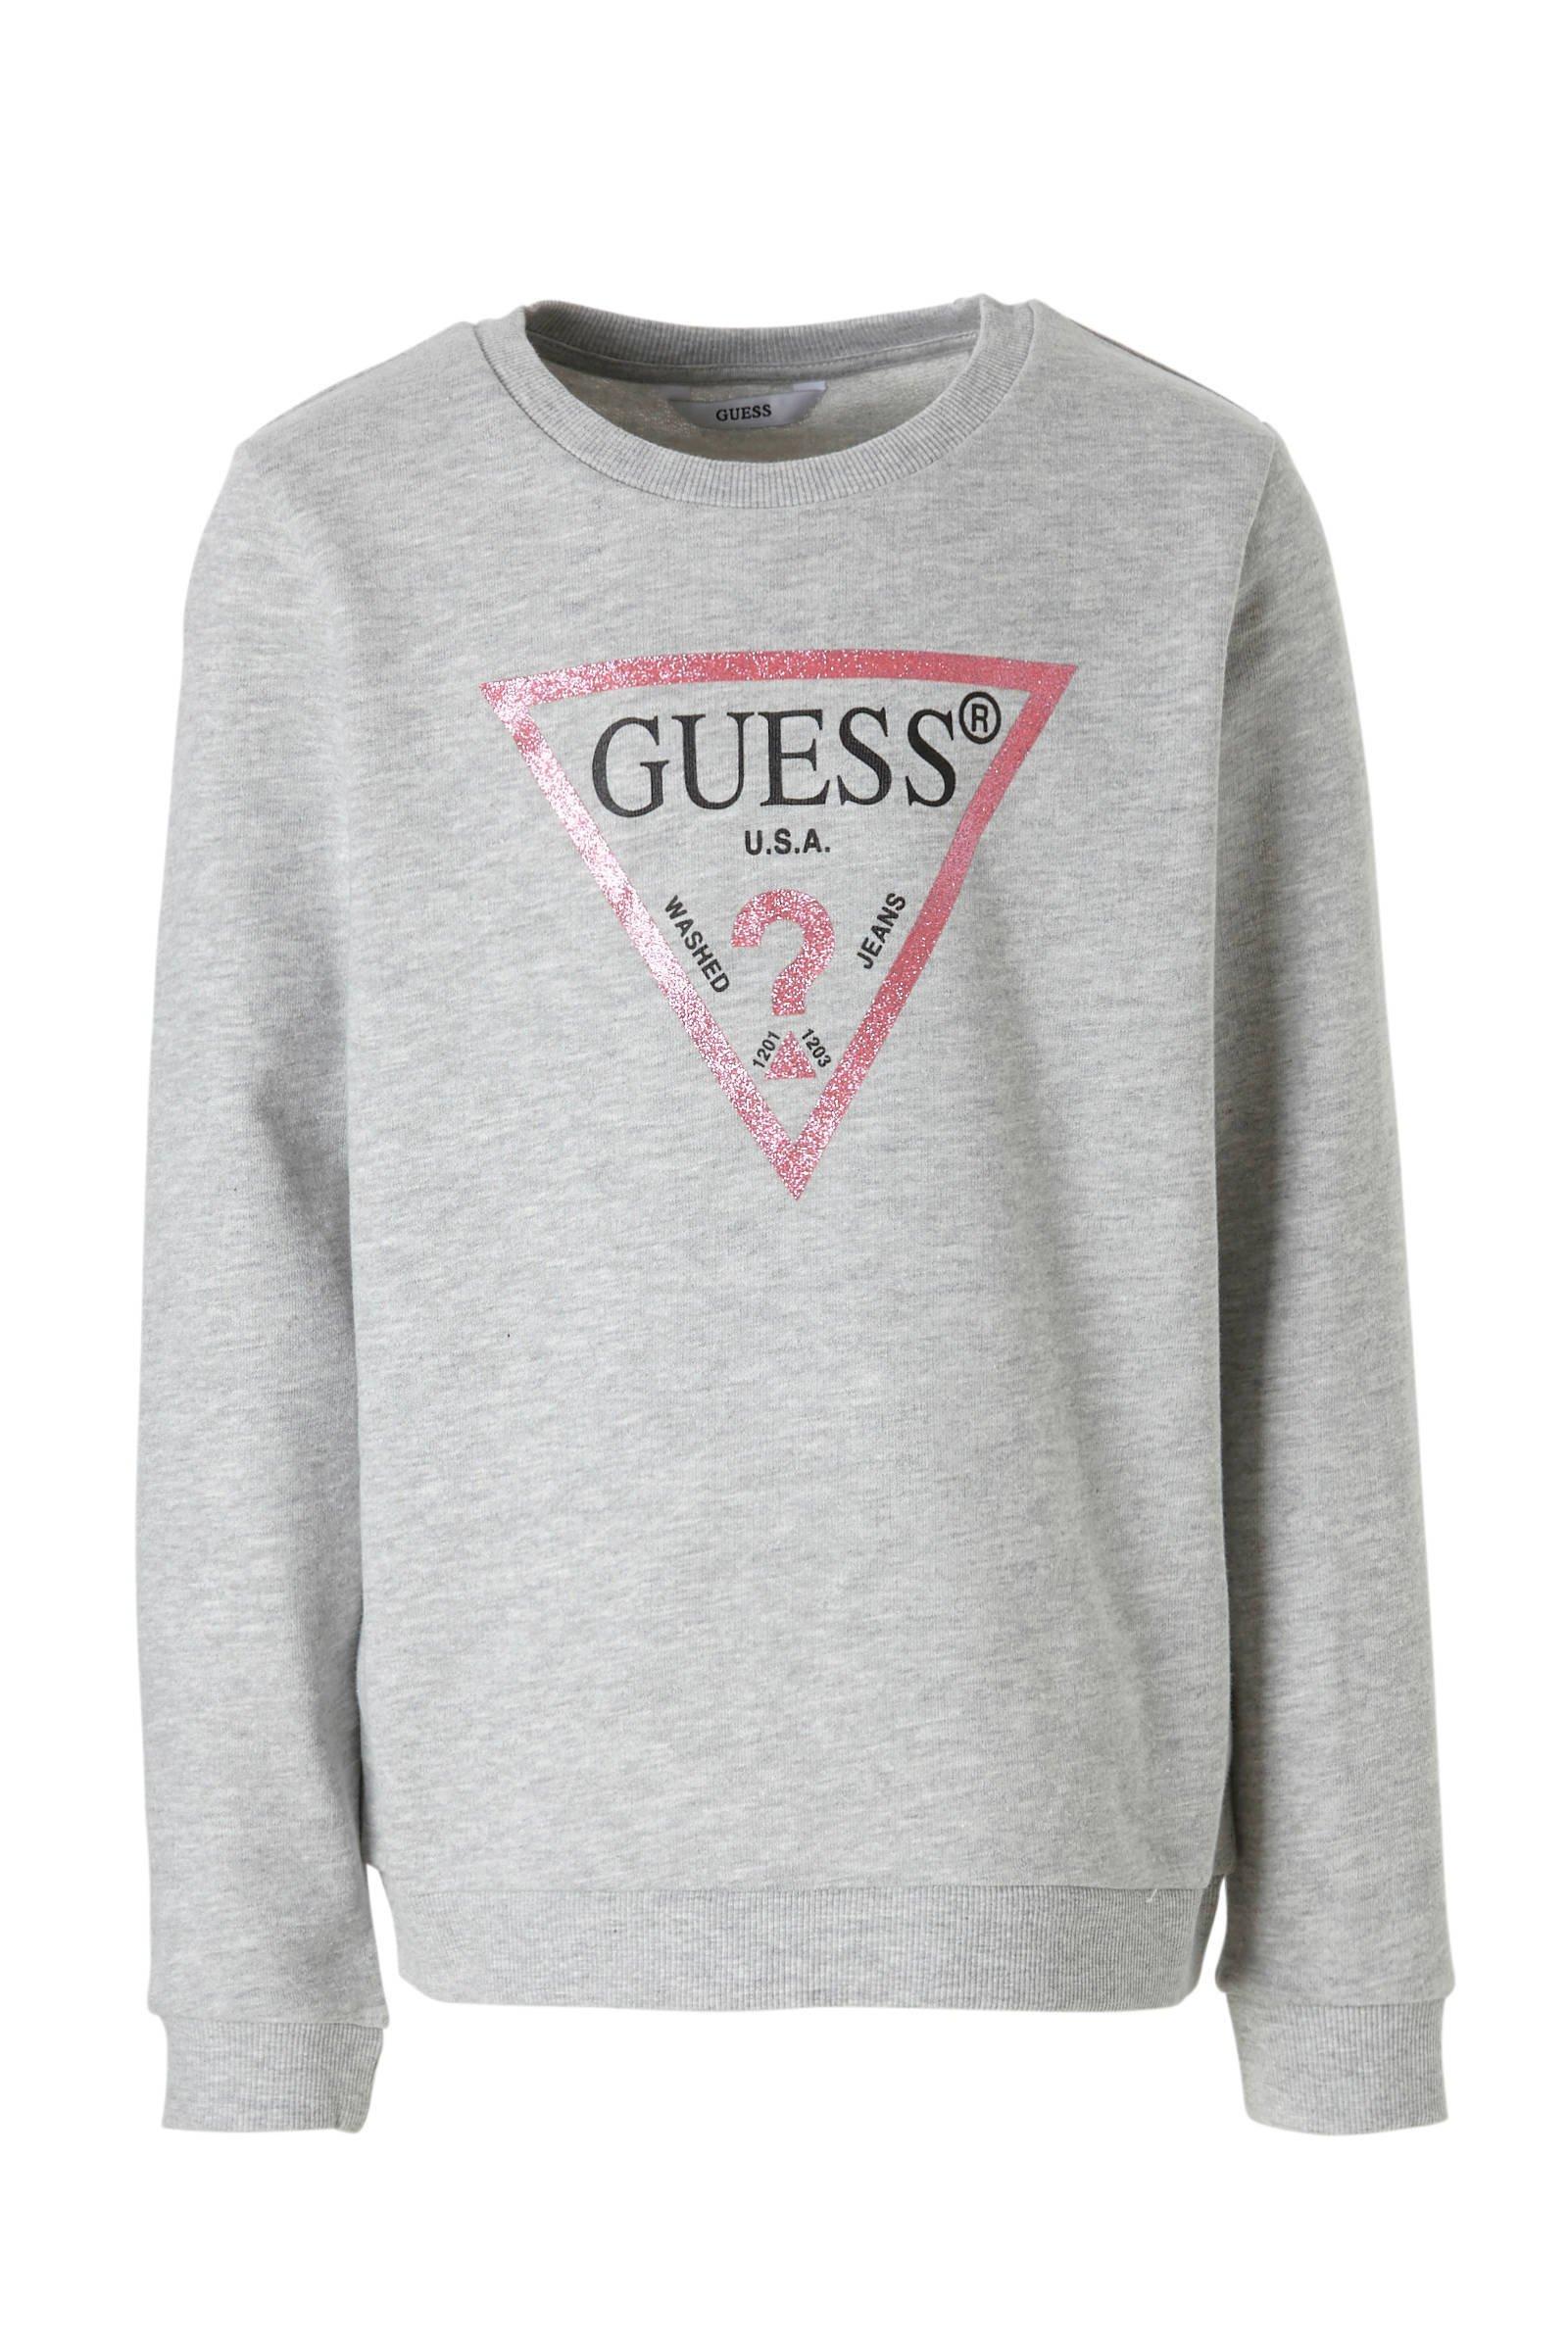 Guess Guess Trui Logo Roze | Berden Fashion